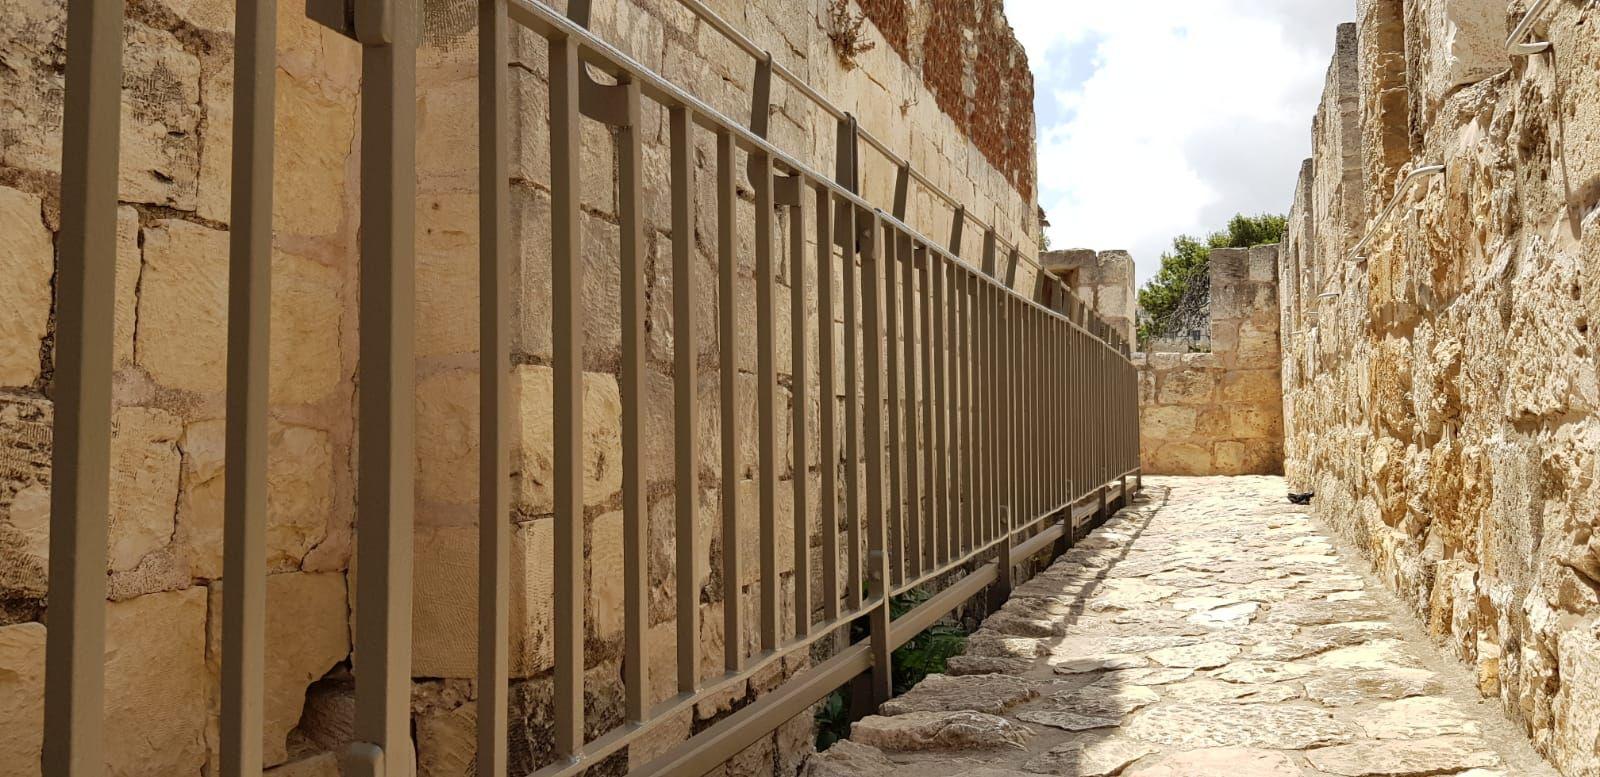 שיקום טיילת חומות העיר העתיקה, ירושלים תמונה מספר 1